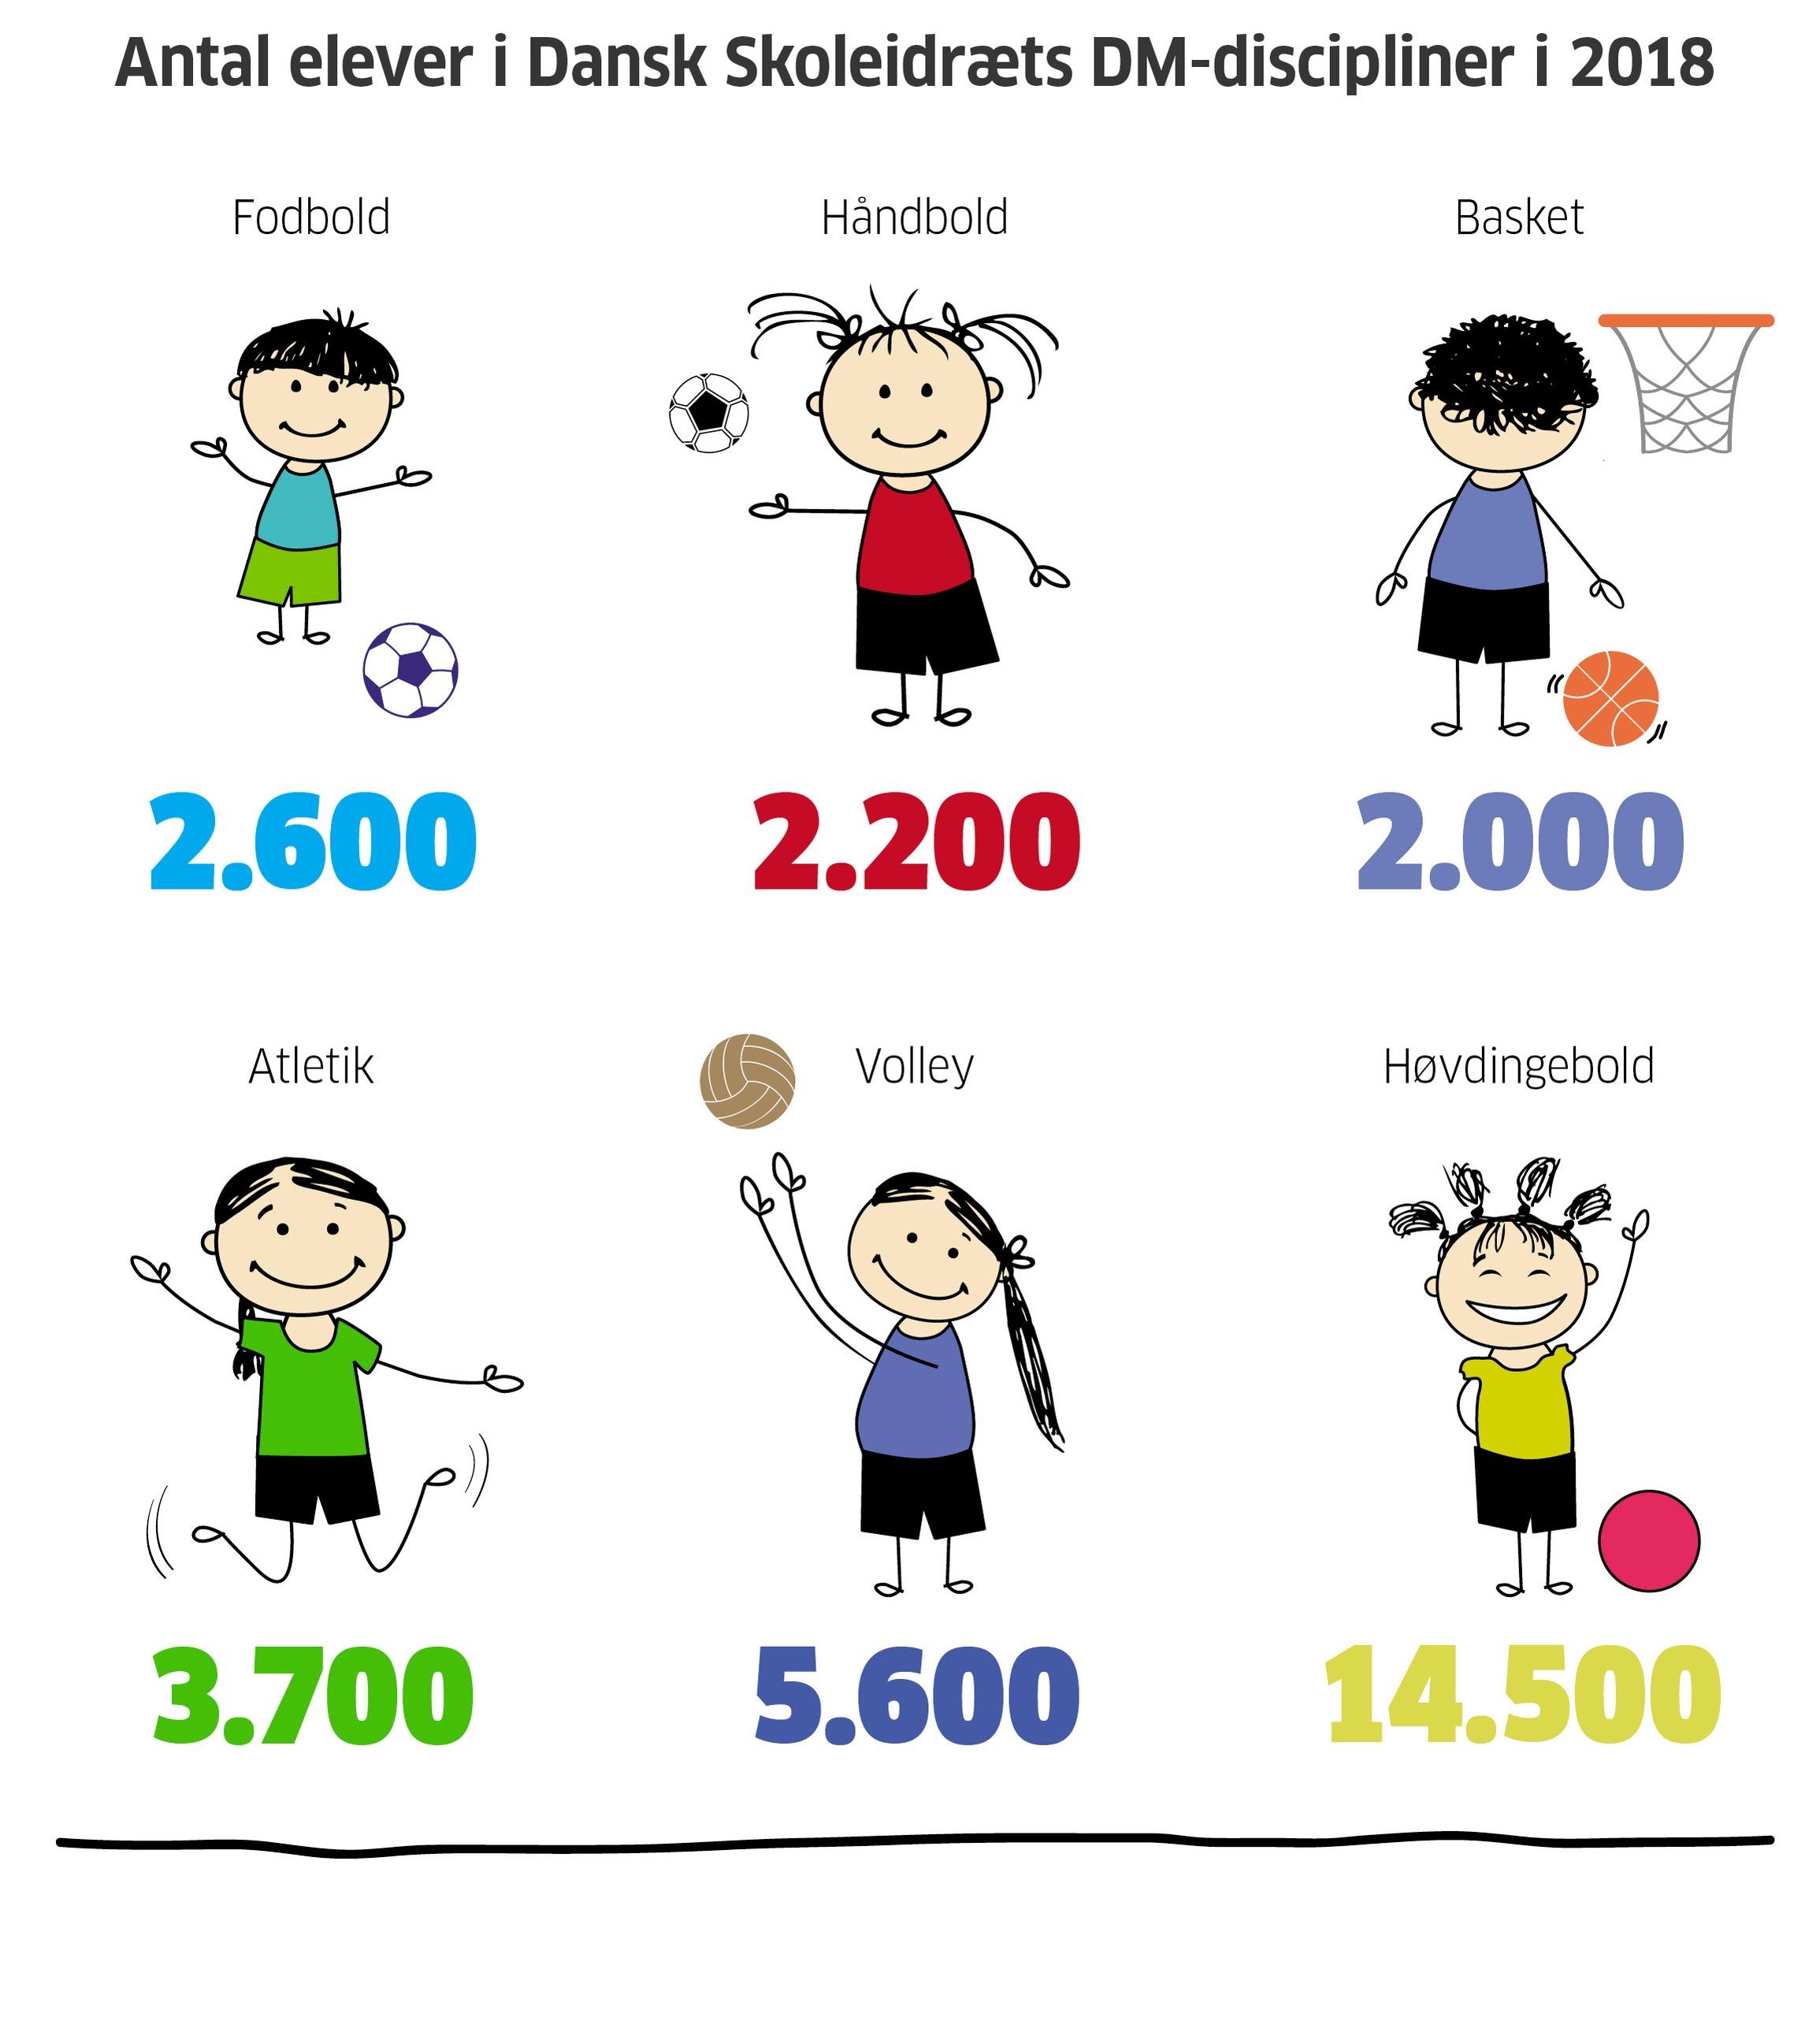 Ved DM'erne i skolehåndbold, skolebasket, skoleatletik og de øvrige discipliner dyster landets dygtigste klasser om mesterskabet, og de får sig en kæmpe fælles oplevelse sammen og på tværs af geografi. Alle klasser har kvalificeret sig via en række lokale stævner arrangeret i Dansk Skoleidræts 15 kredse. 2018 bød med 32.000 deltagende elever endnu en gang på fremgang - 2.000 elever mere end i 2017.